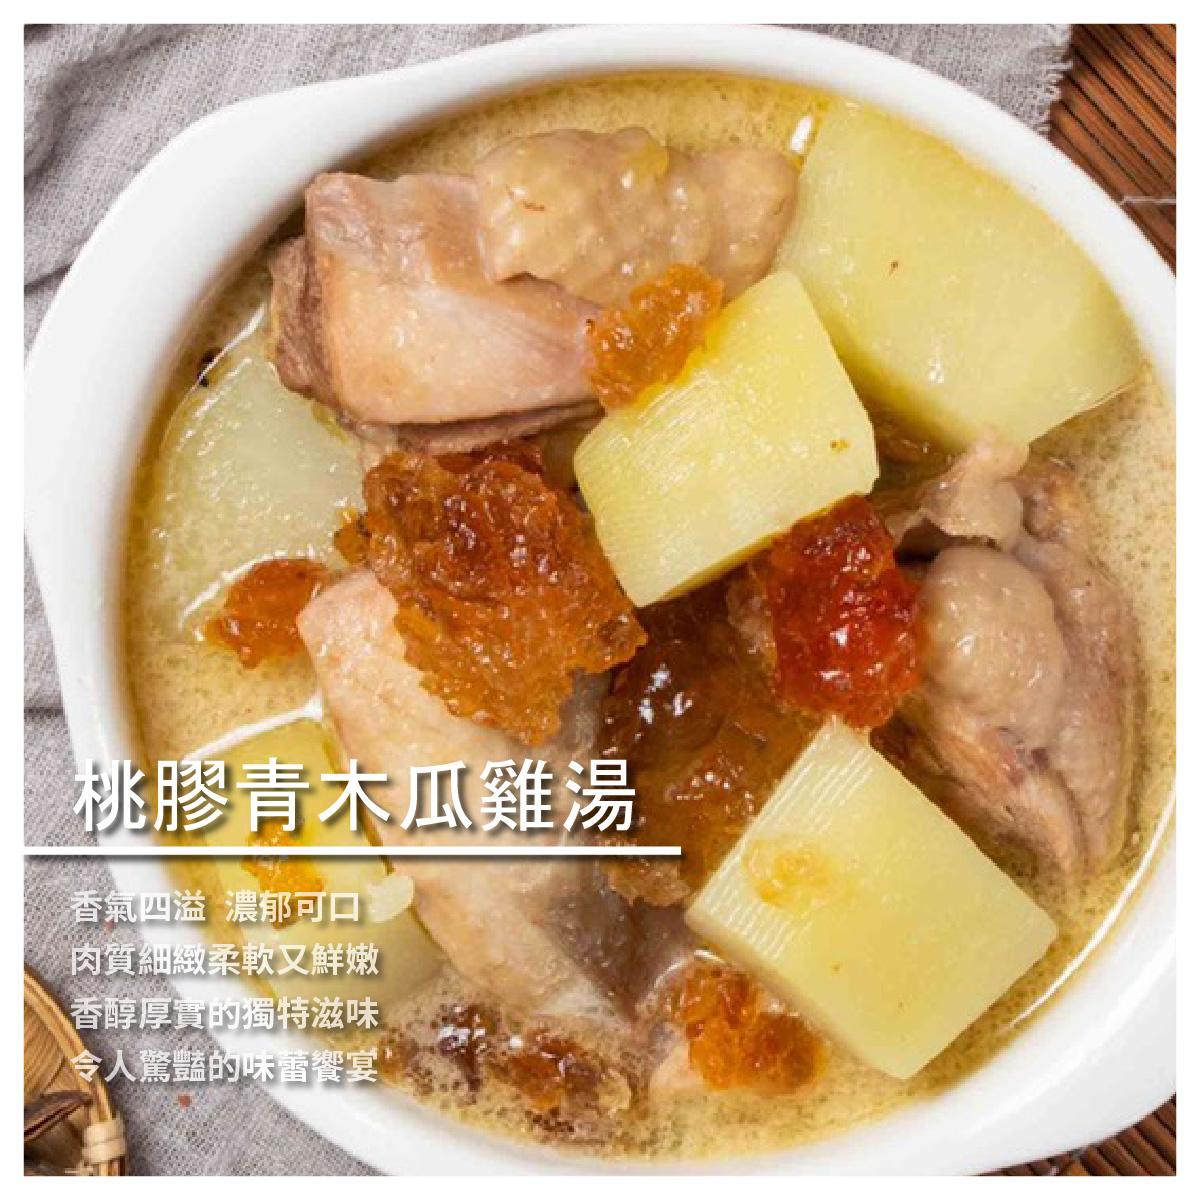 【雞鳴而起】桃膠青木瓜雞湯 850g